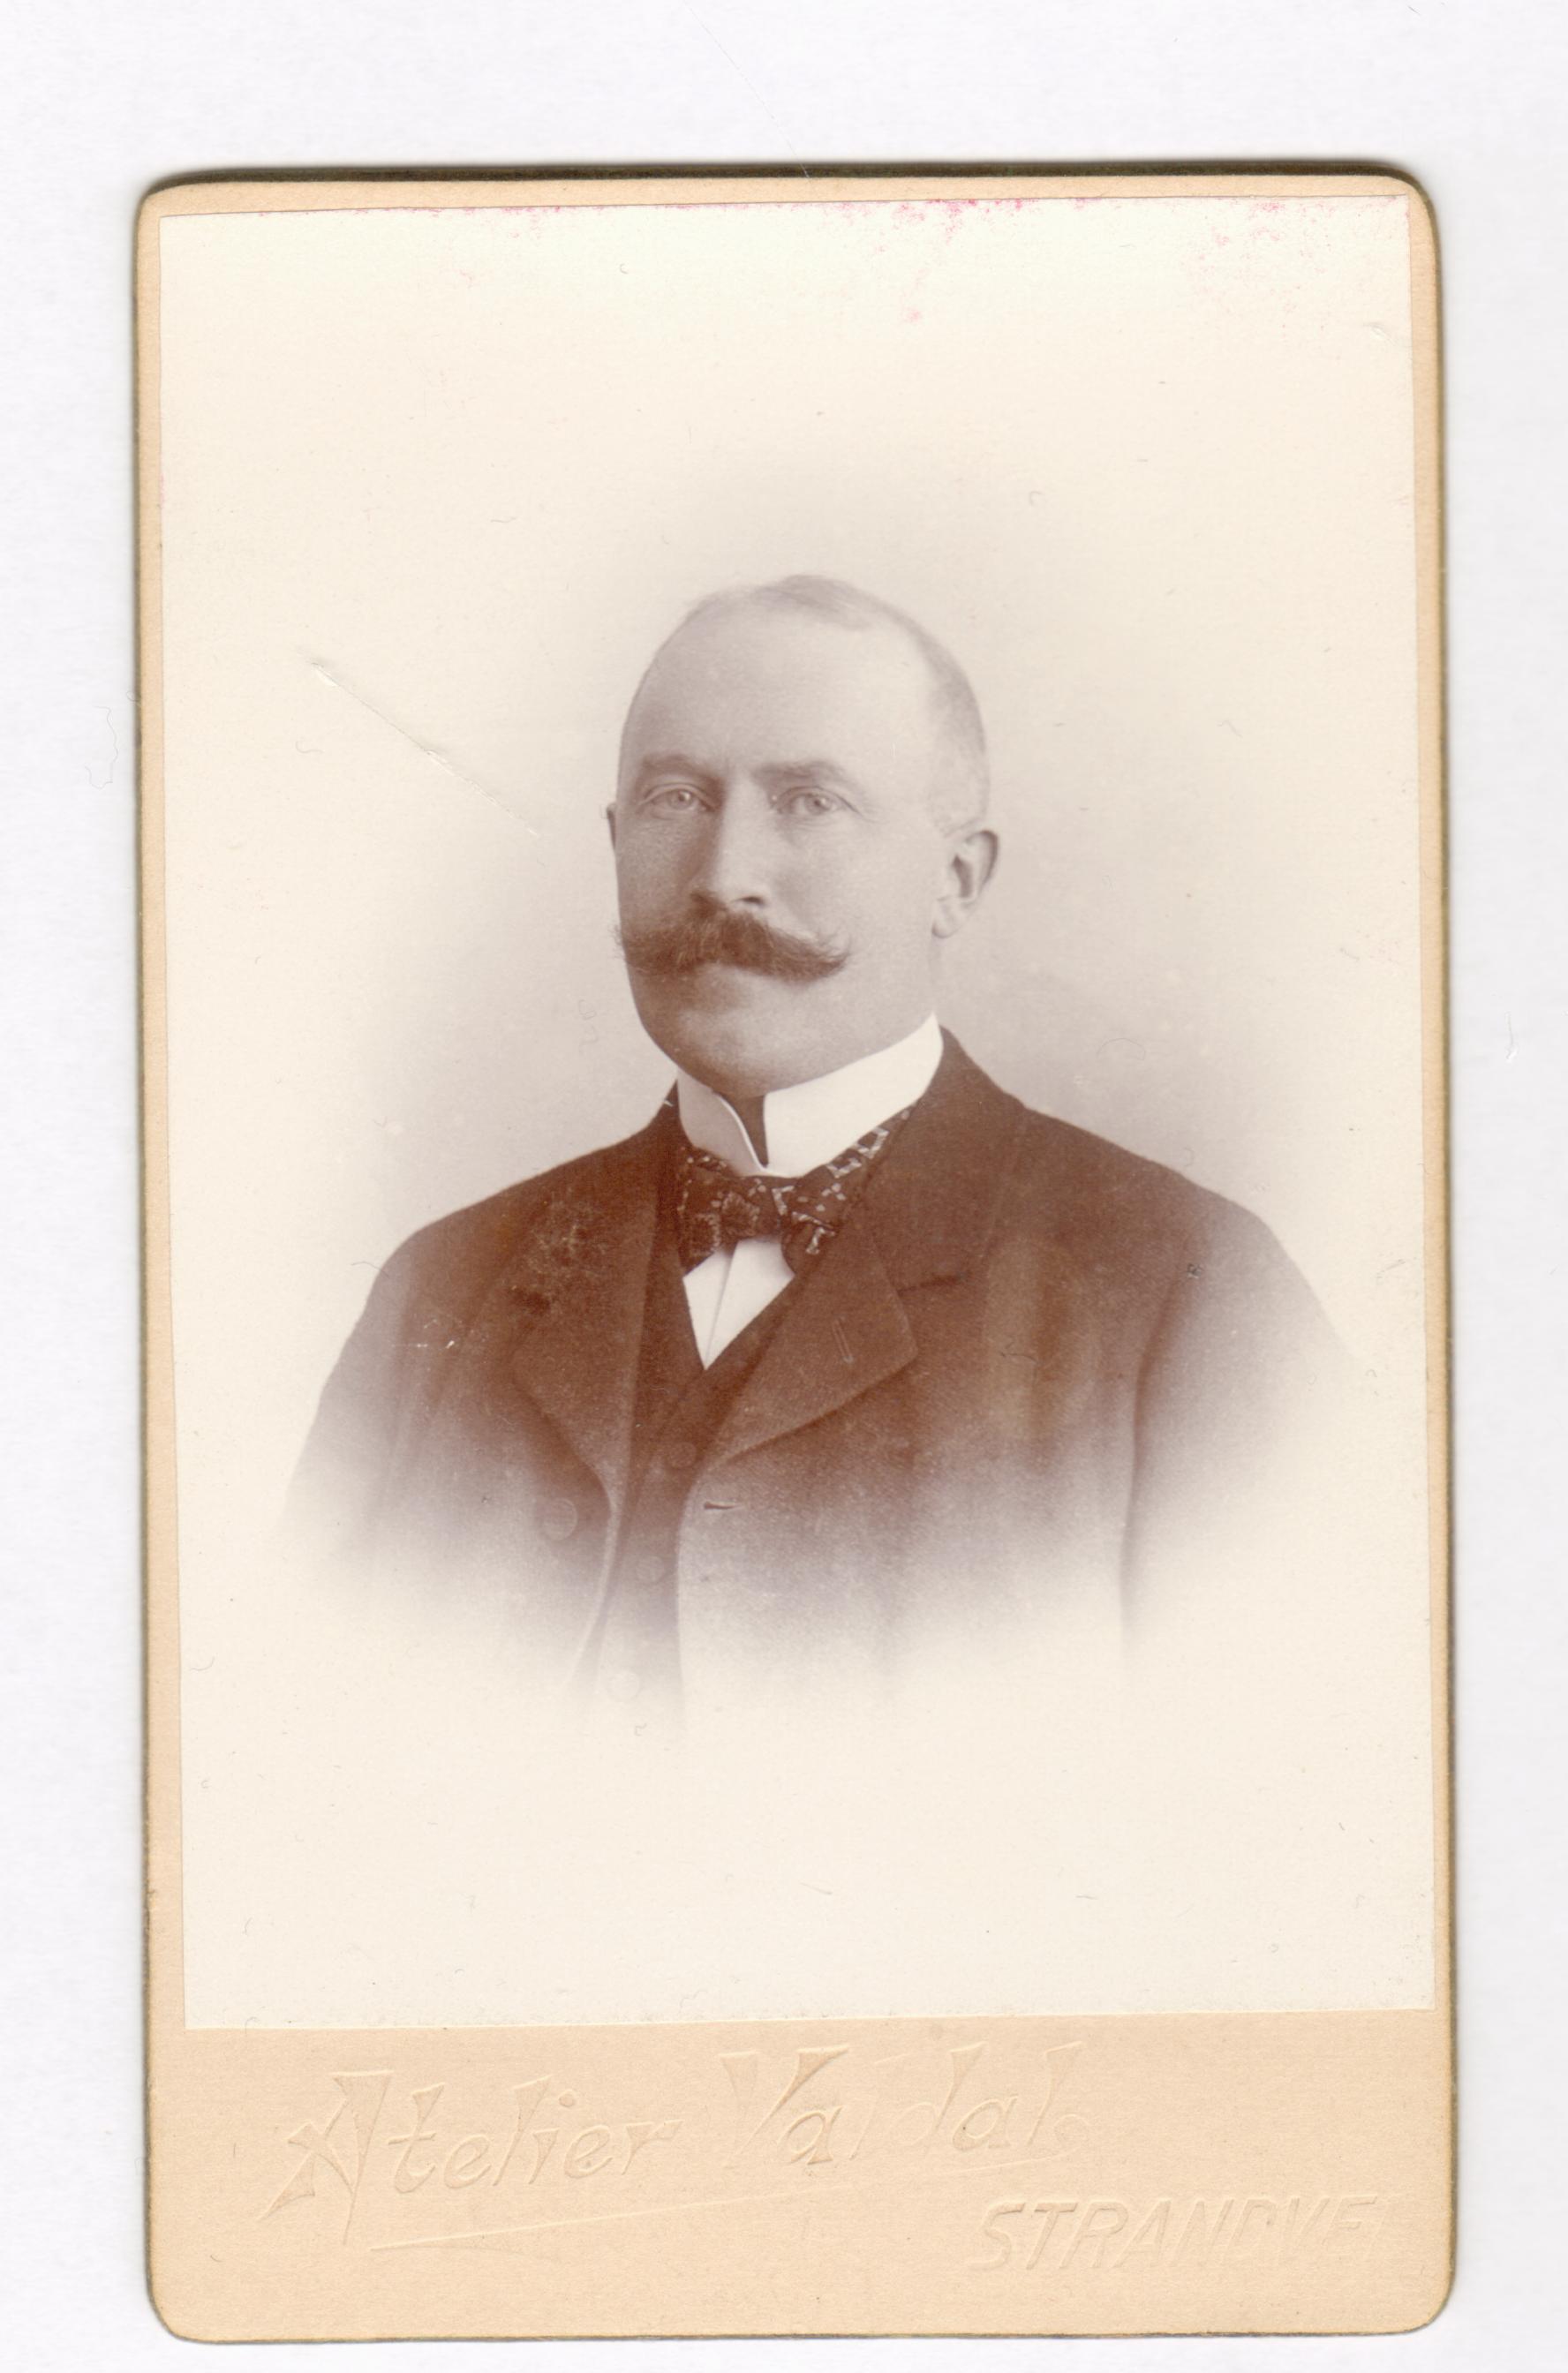 75.30  Oskar Sophus  Borch, f. 13.2 1866, bror til Olaf Georg Borch.  Fotograf Atelier Valdal, Strandvejen 38, Hellerup. Billedet er fra cirka 1906-1912